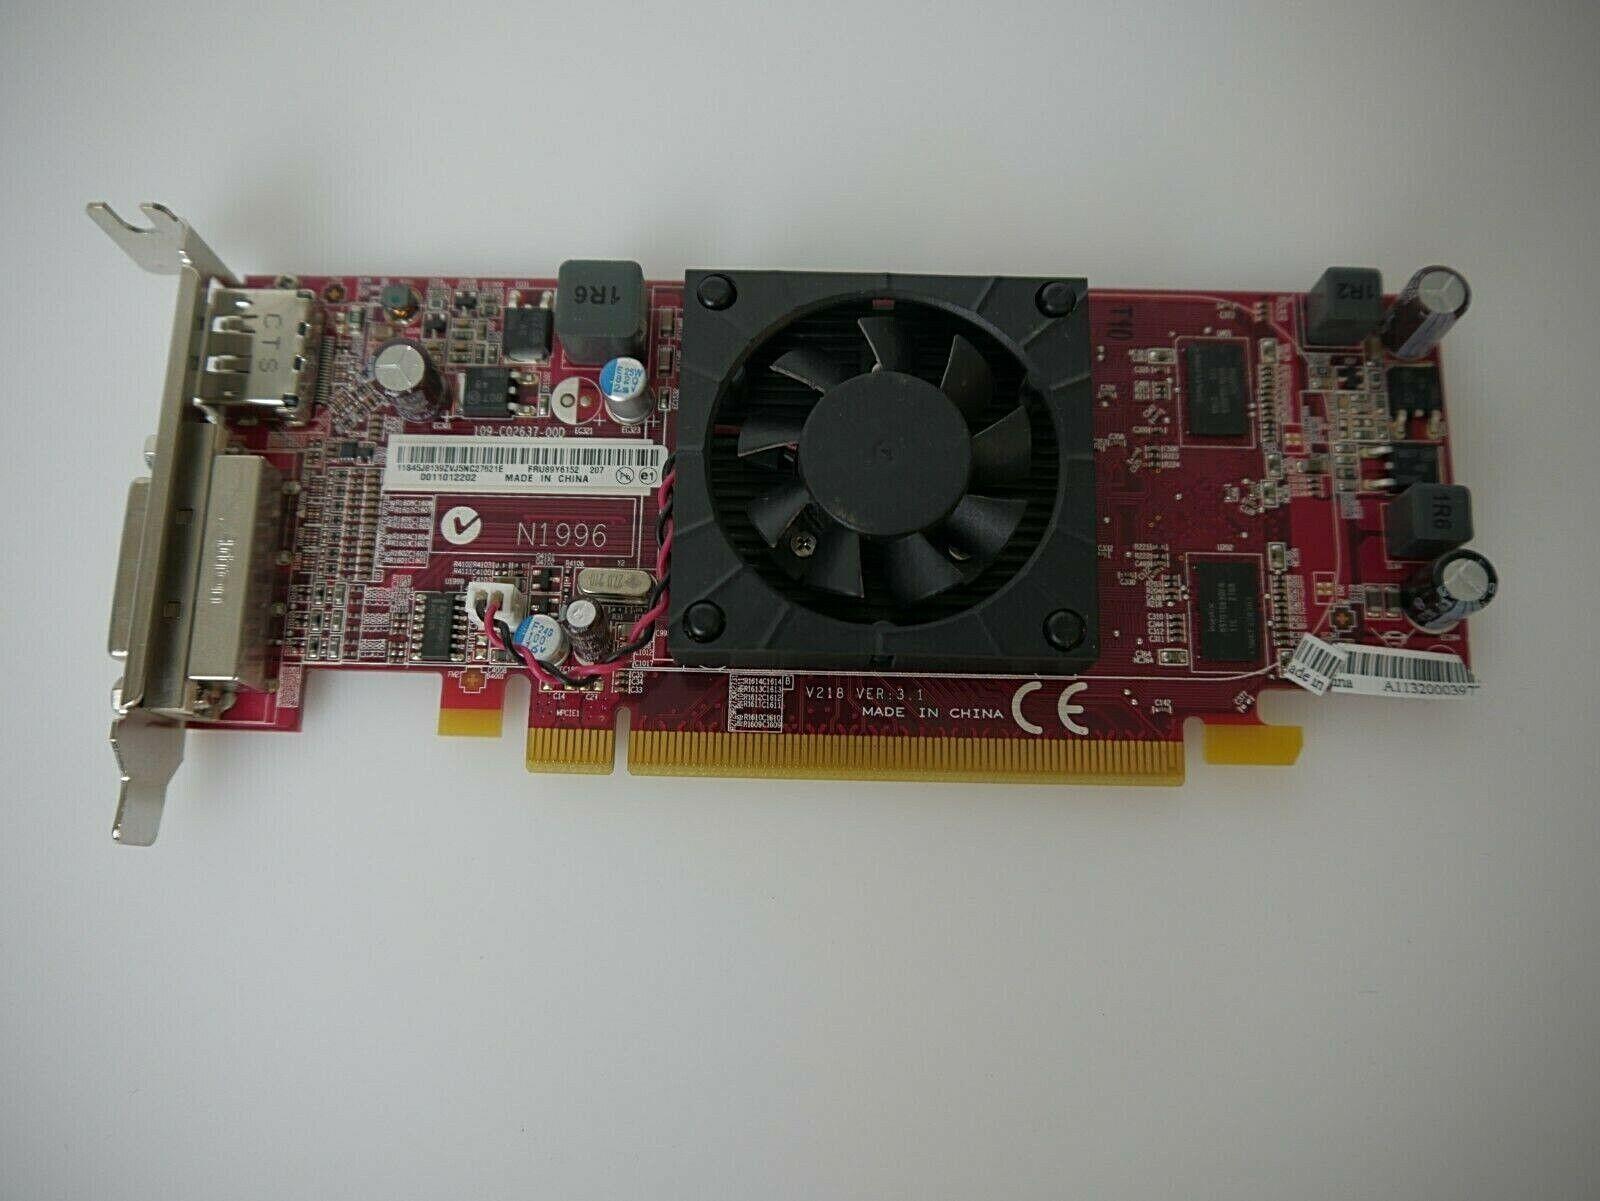 Lenovo AMD Radeon HD 7350 N1996 Grafikkarte V218 3.1 512MB